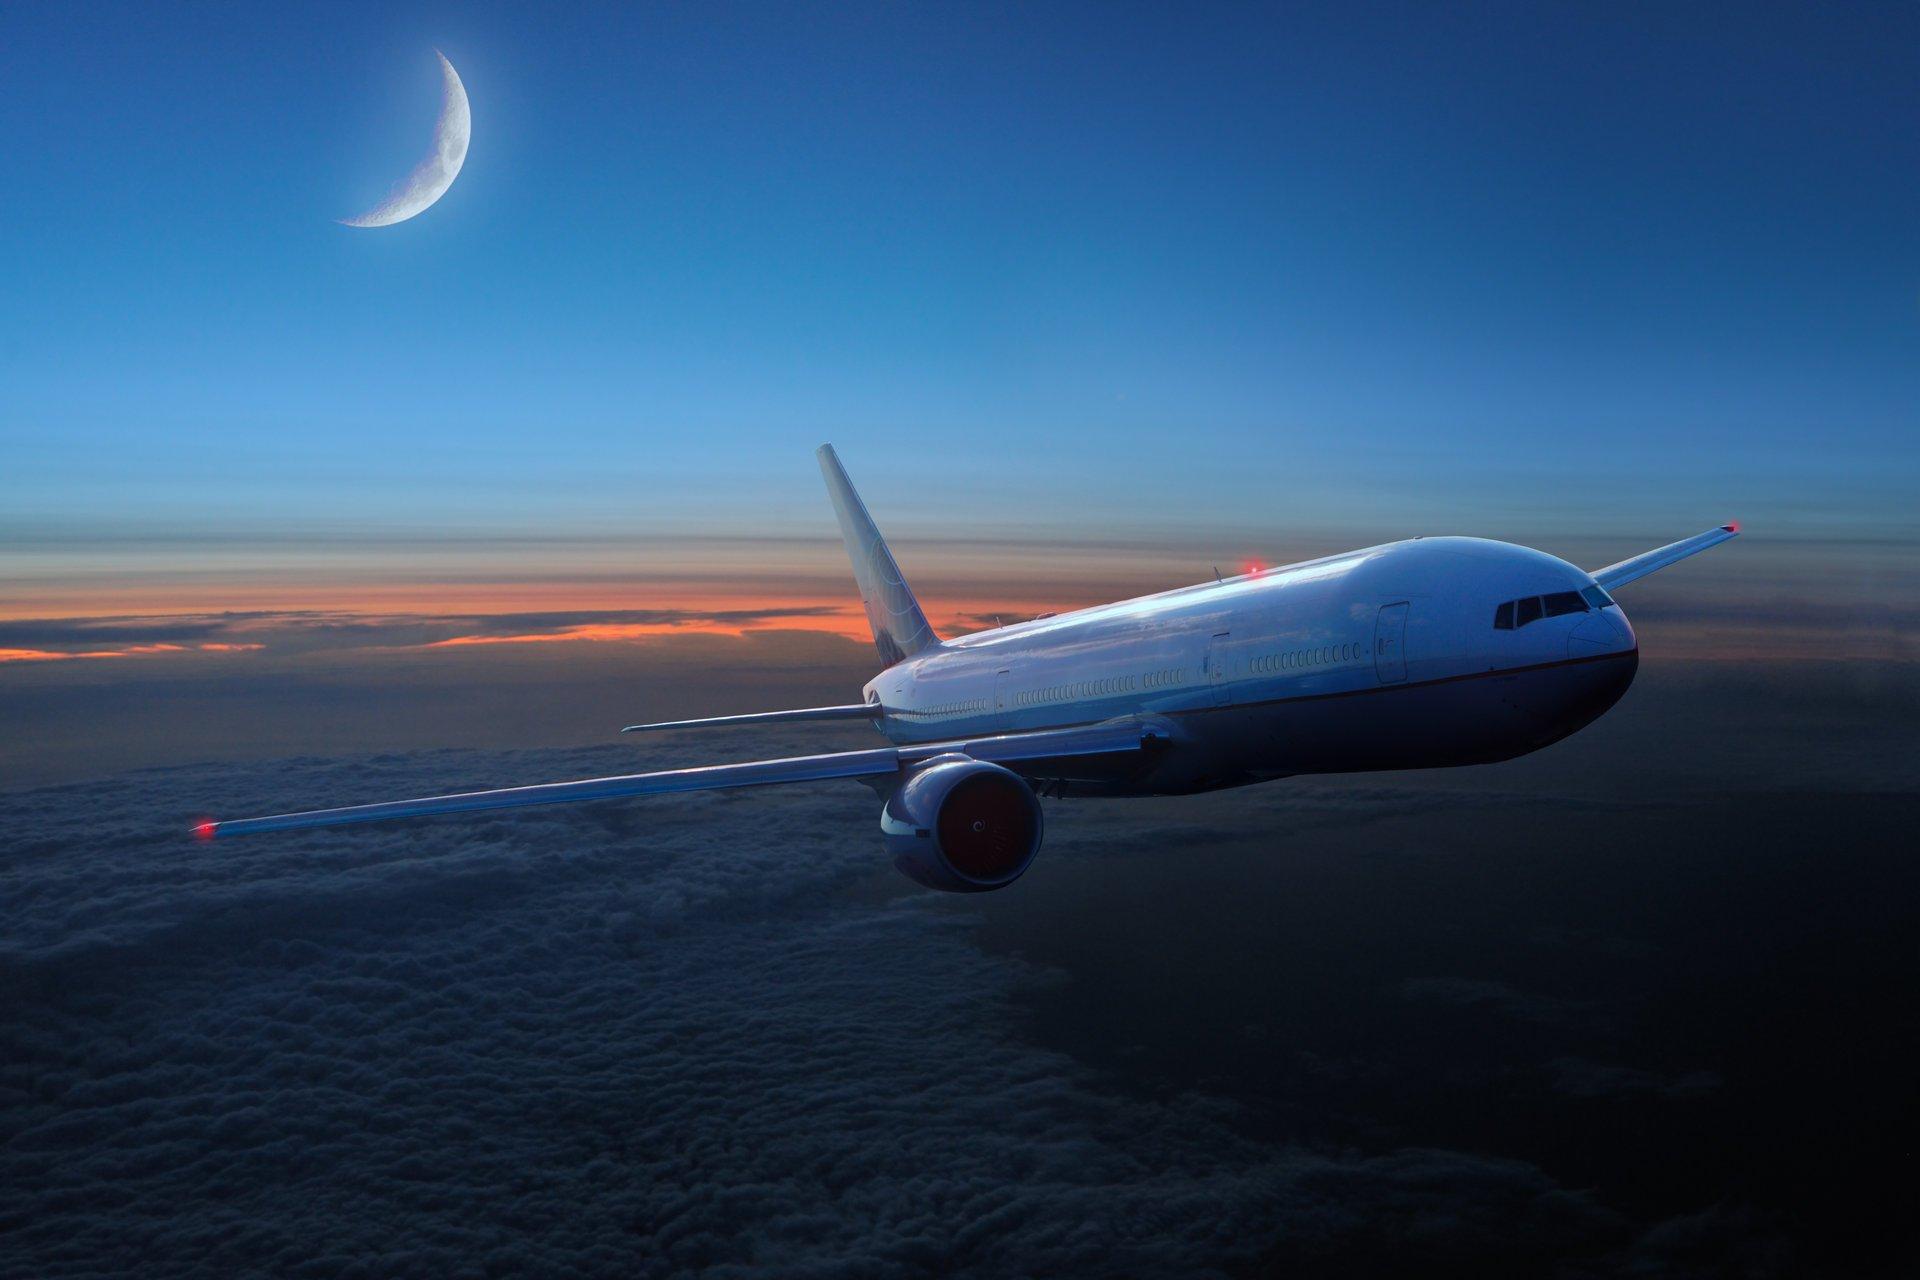 организациях ип, самолеты фото для рабочего нужно обговорить все